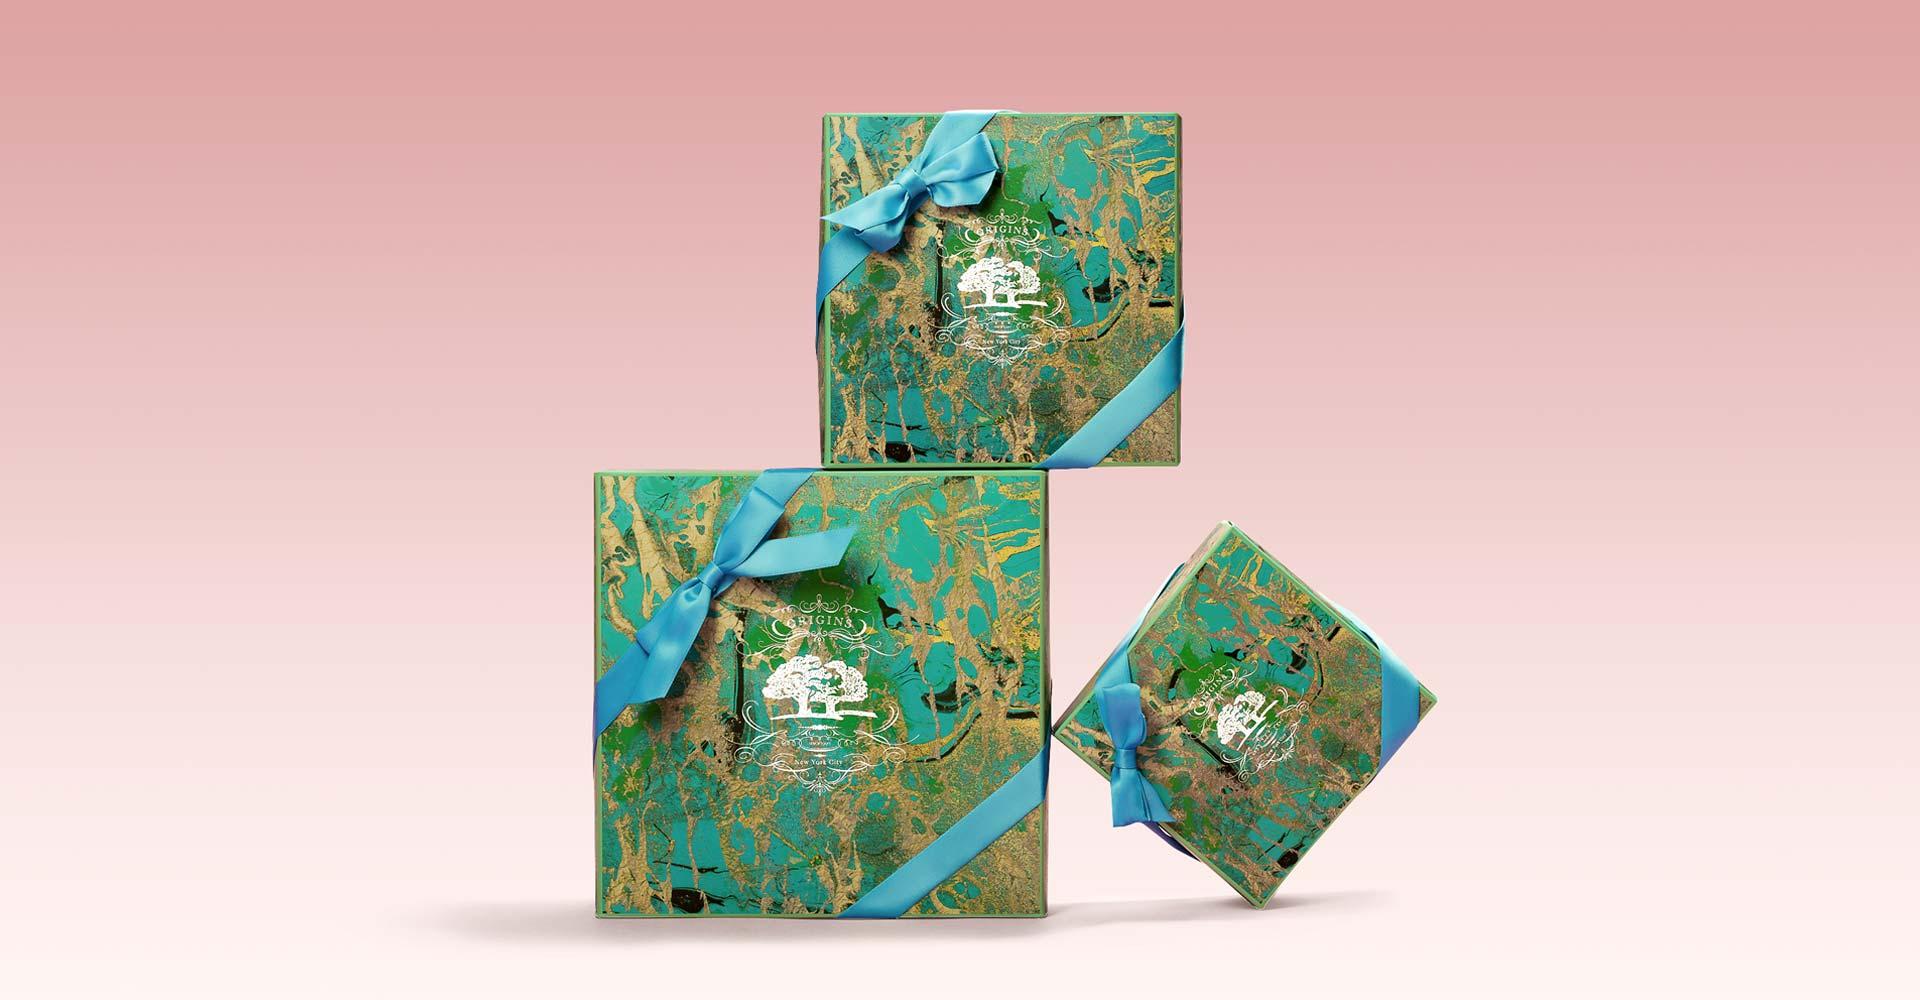 Creative_Retail_Packaging_Package_design_Origins_28.jpg